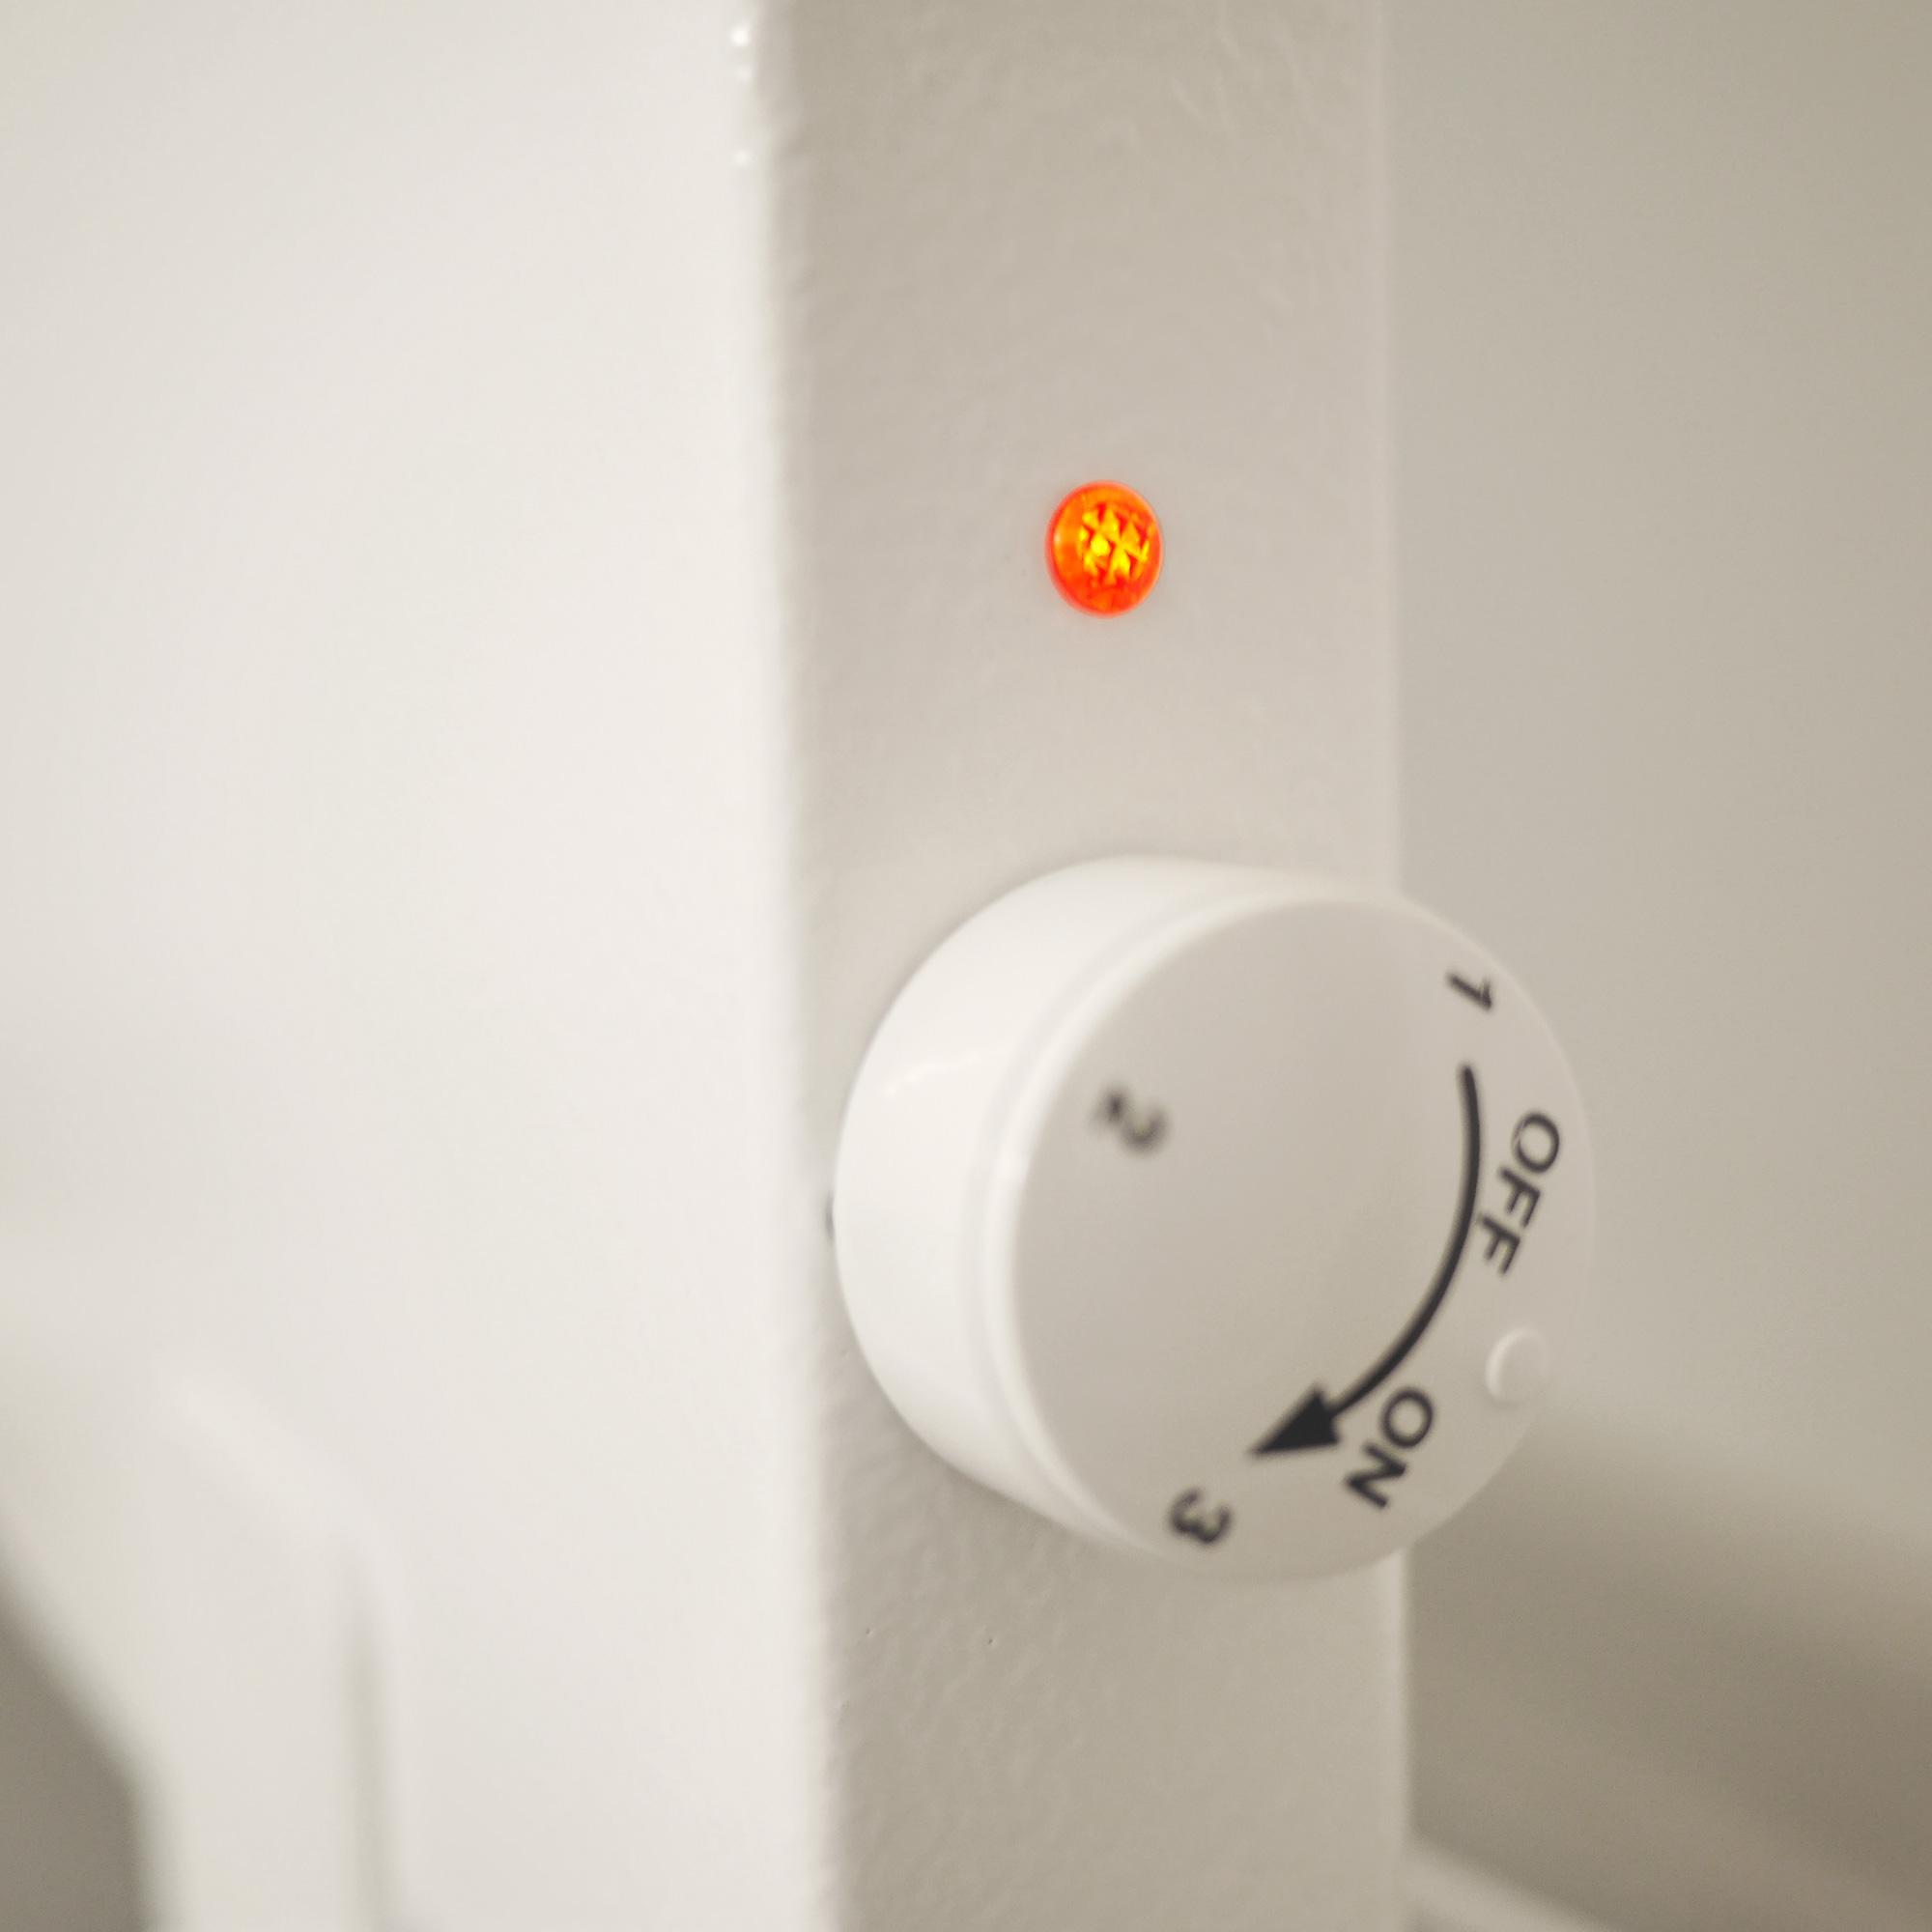 Infrarotheizung mit Thermostat und LED Status Licht